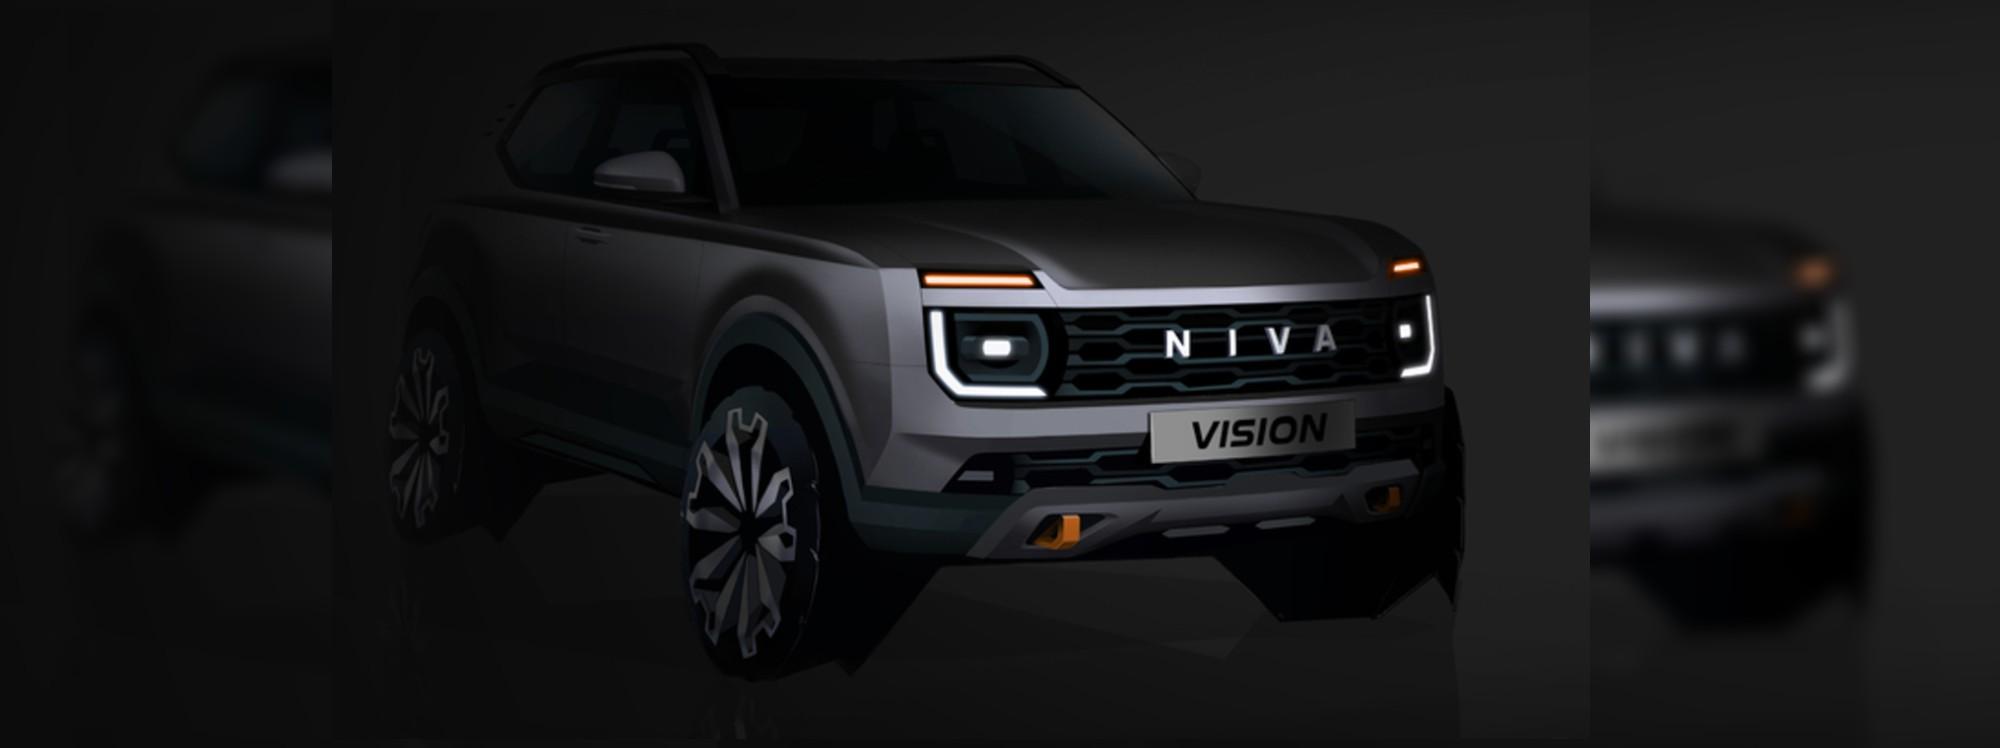 Lada Niva  será un modelo global y usará la misma plataforma de los Nissan-Renault Mercosur